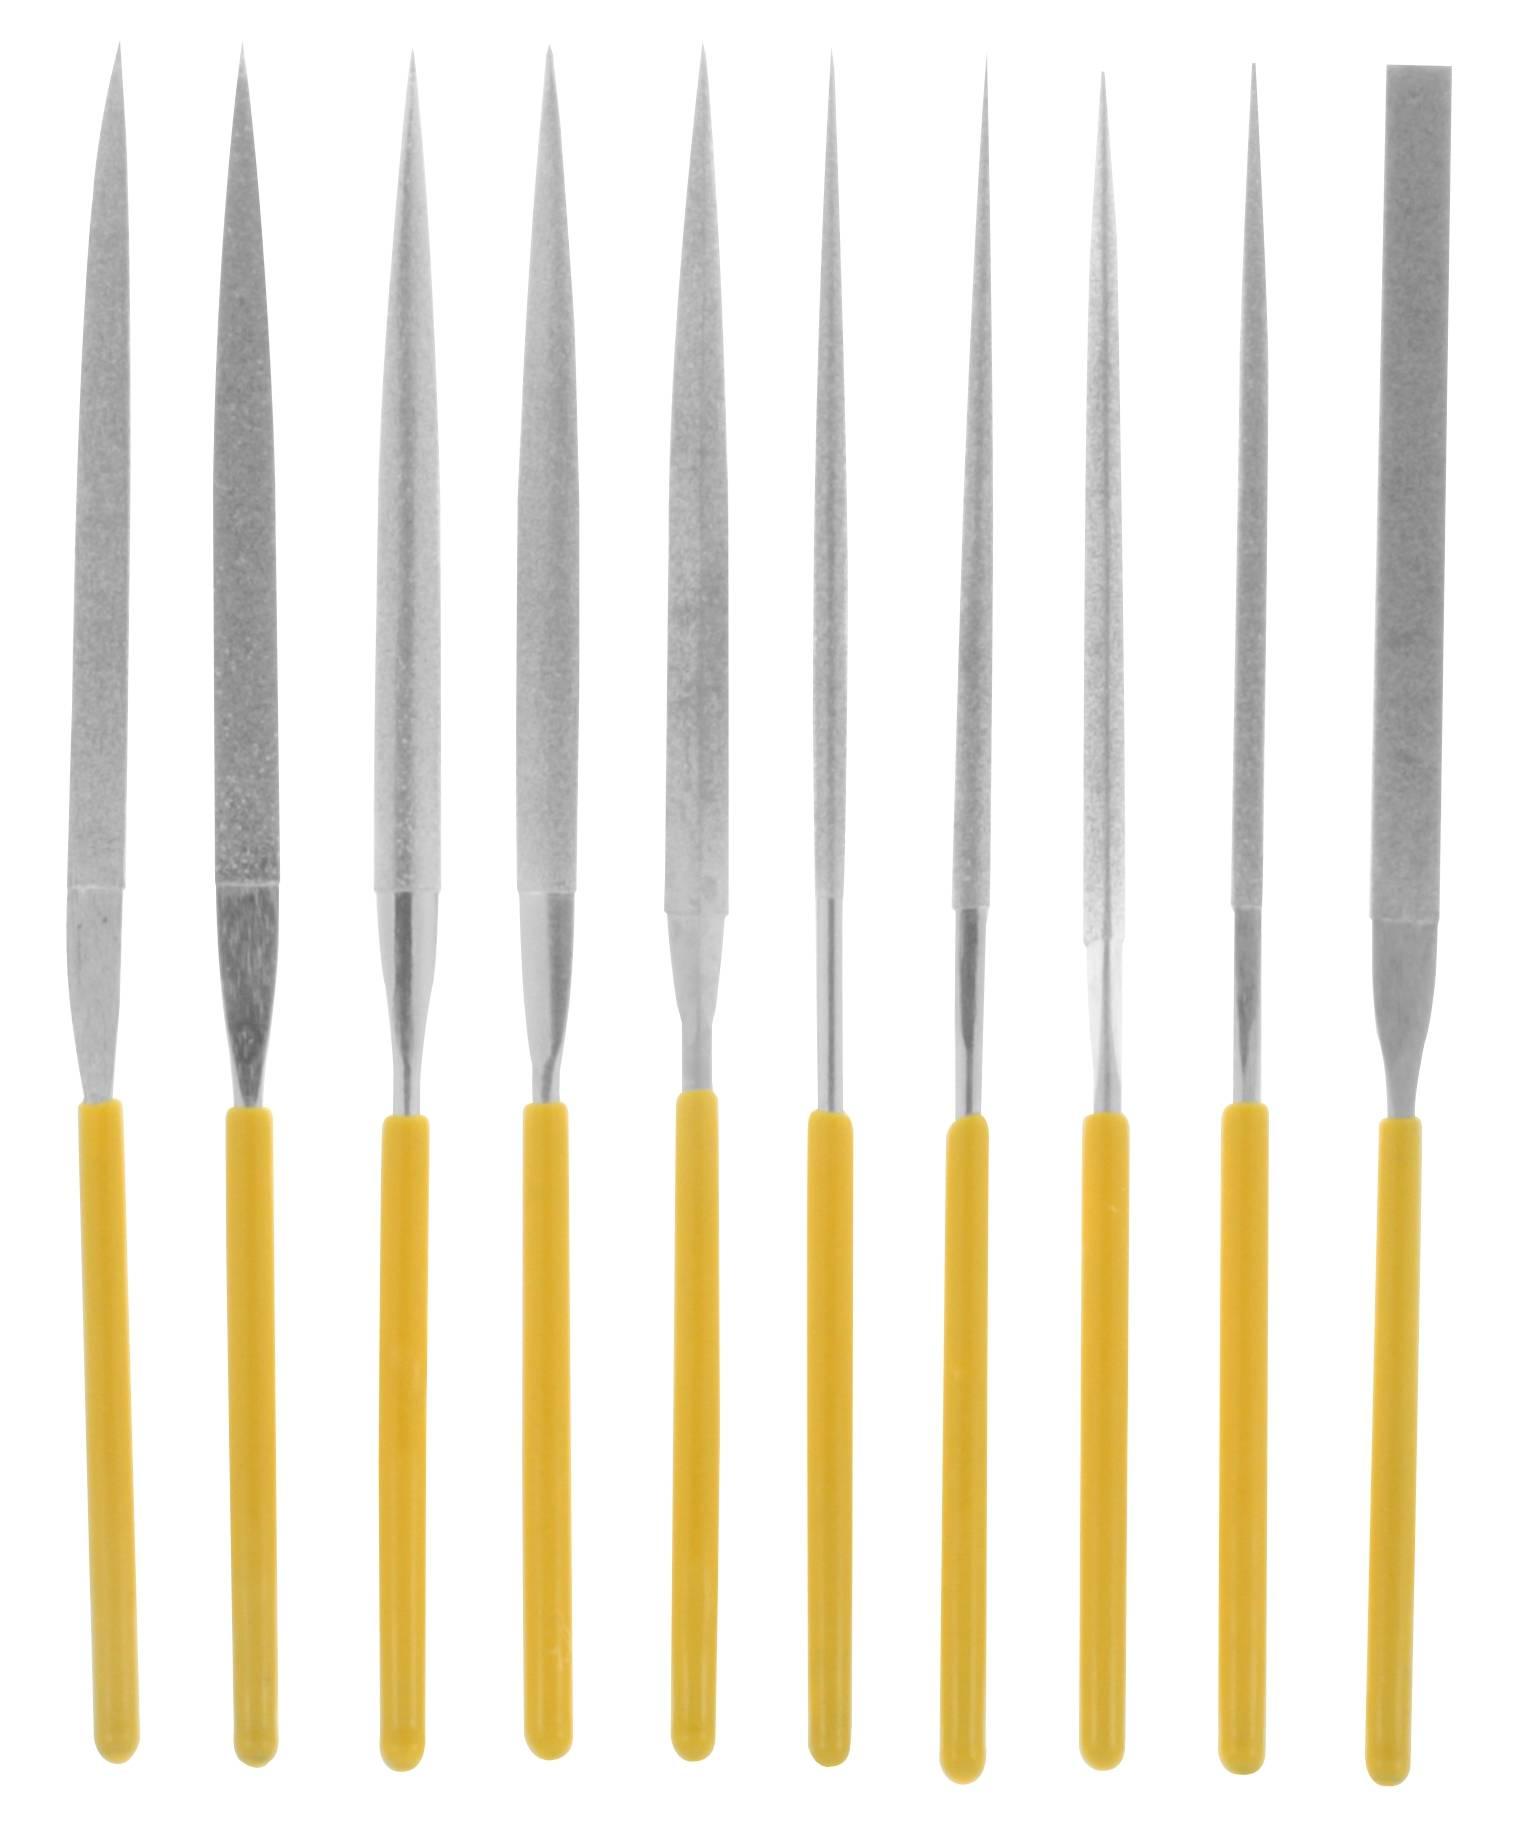 Sada diamantových jehlových pilníků 10 ks Donau Elektronik M53 140